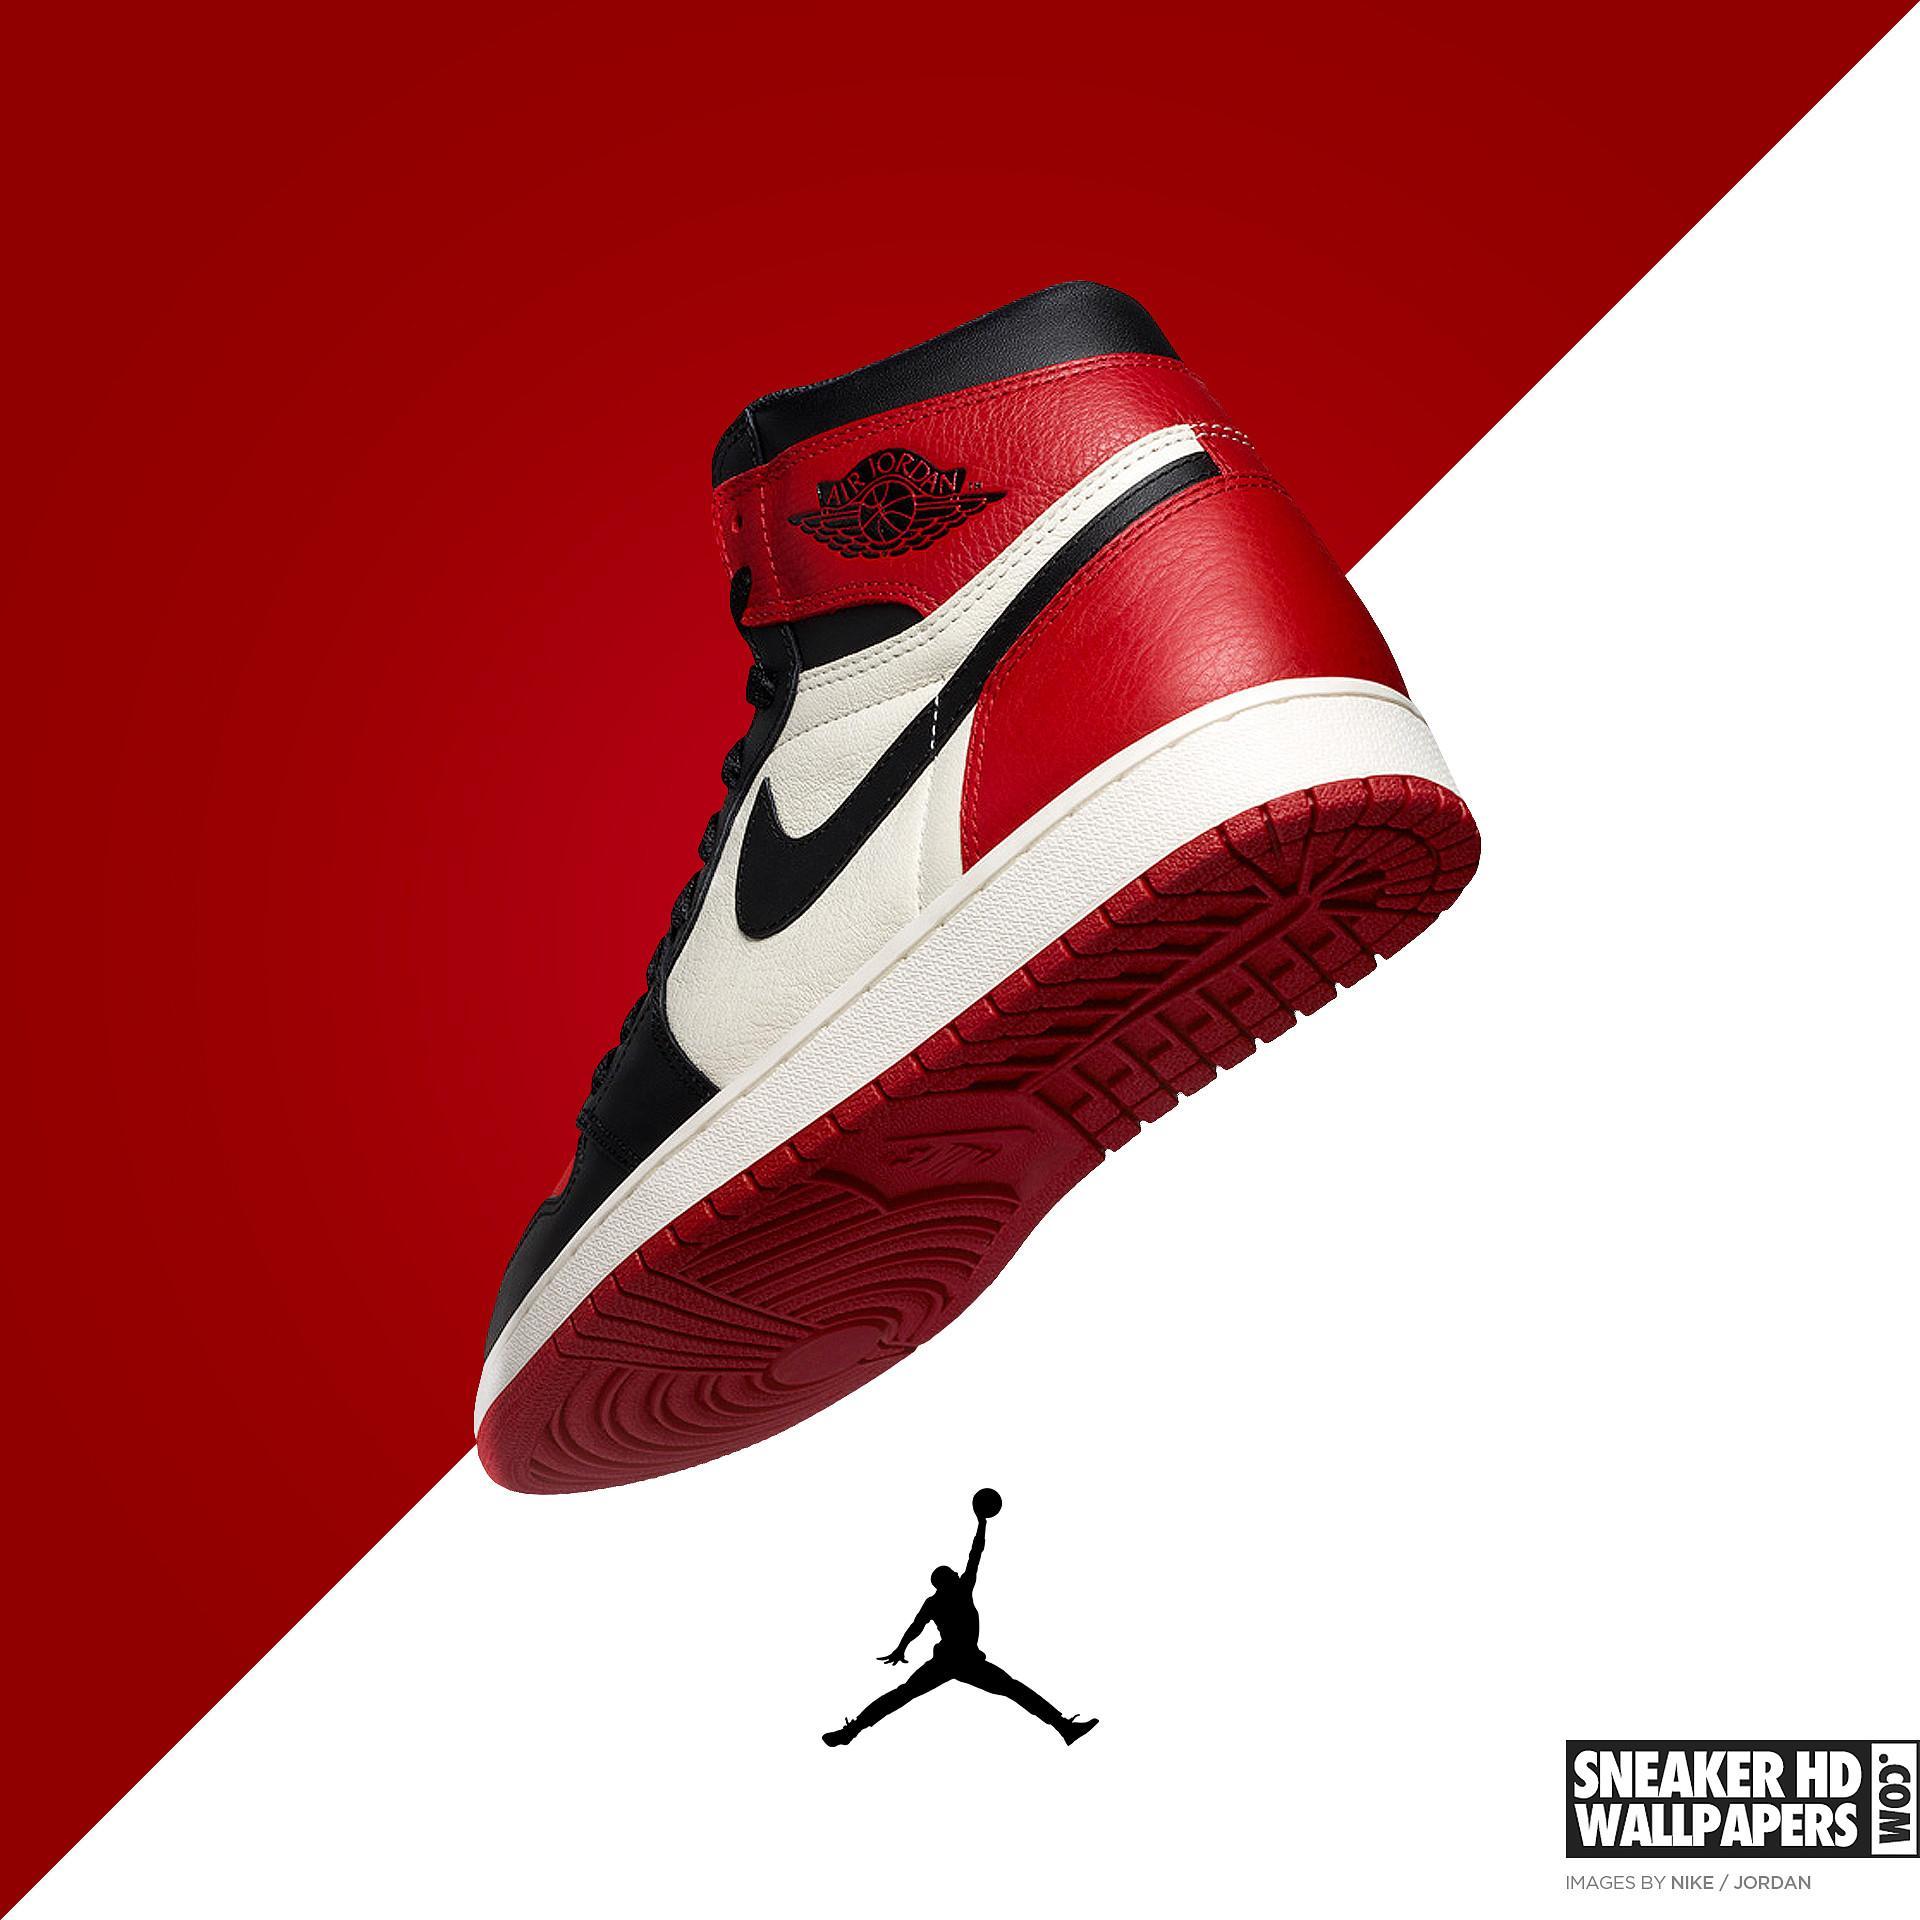 Jordan One Wallpapers - Top Free Jordan ...